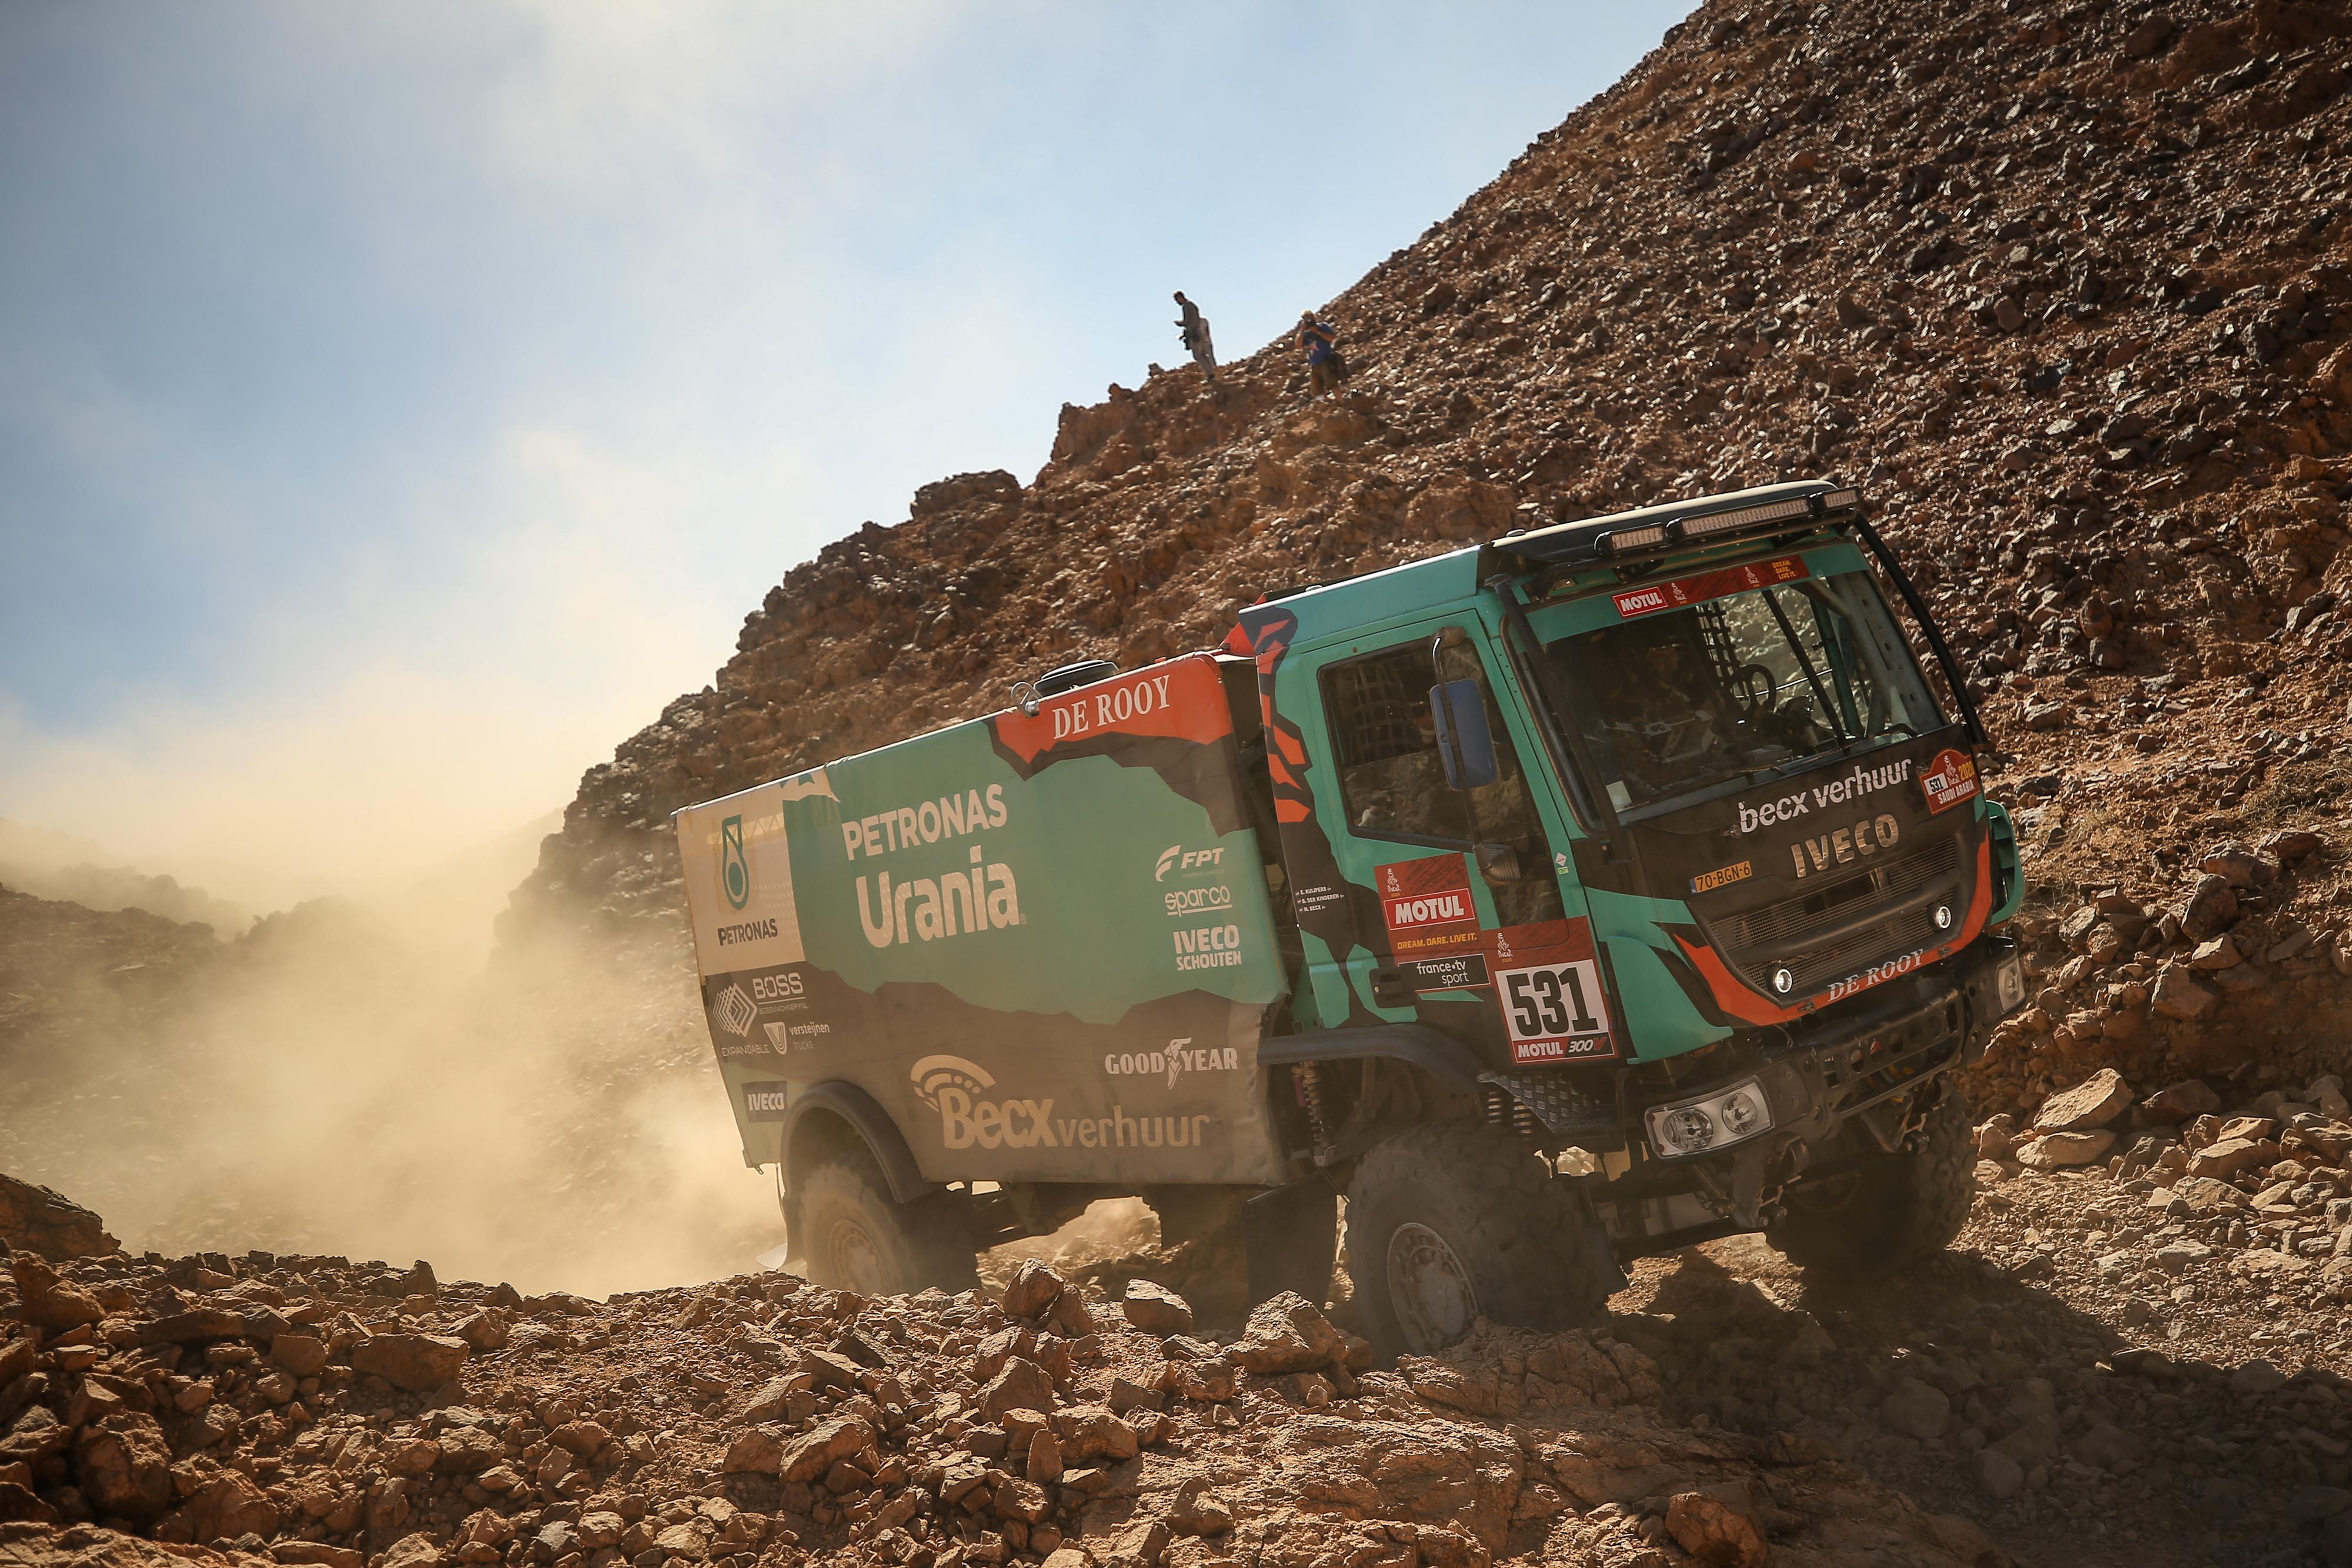 Verslag Dakar etappes